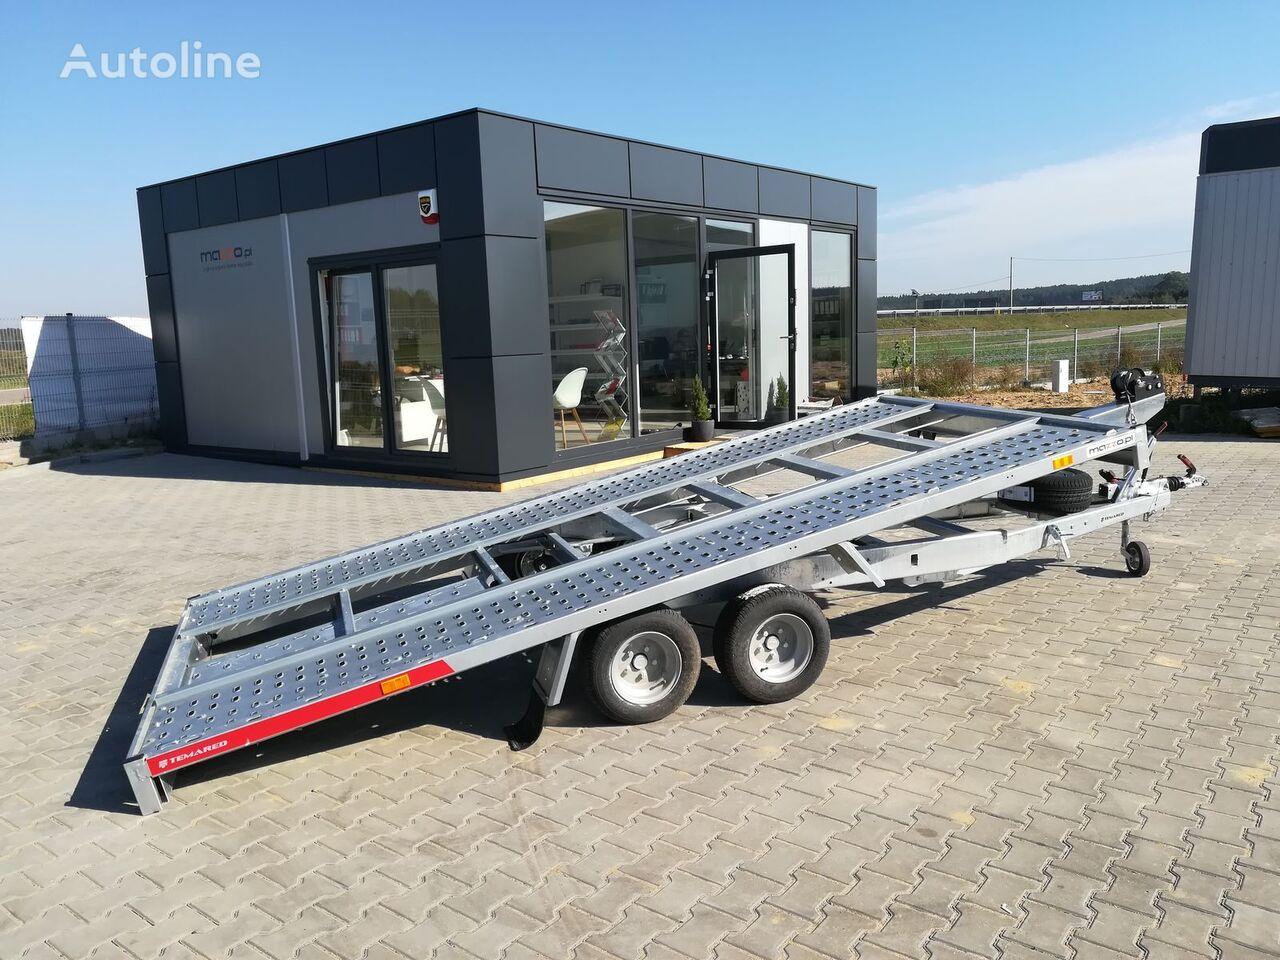 verkauf von neue carkeeper 4020s 400x200cm 2700kg tilting. Black Bedroom Furniture Sets. Home Design Ideas